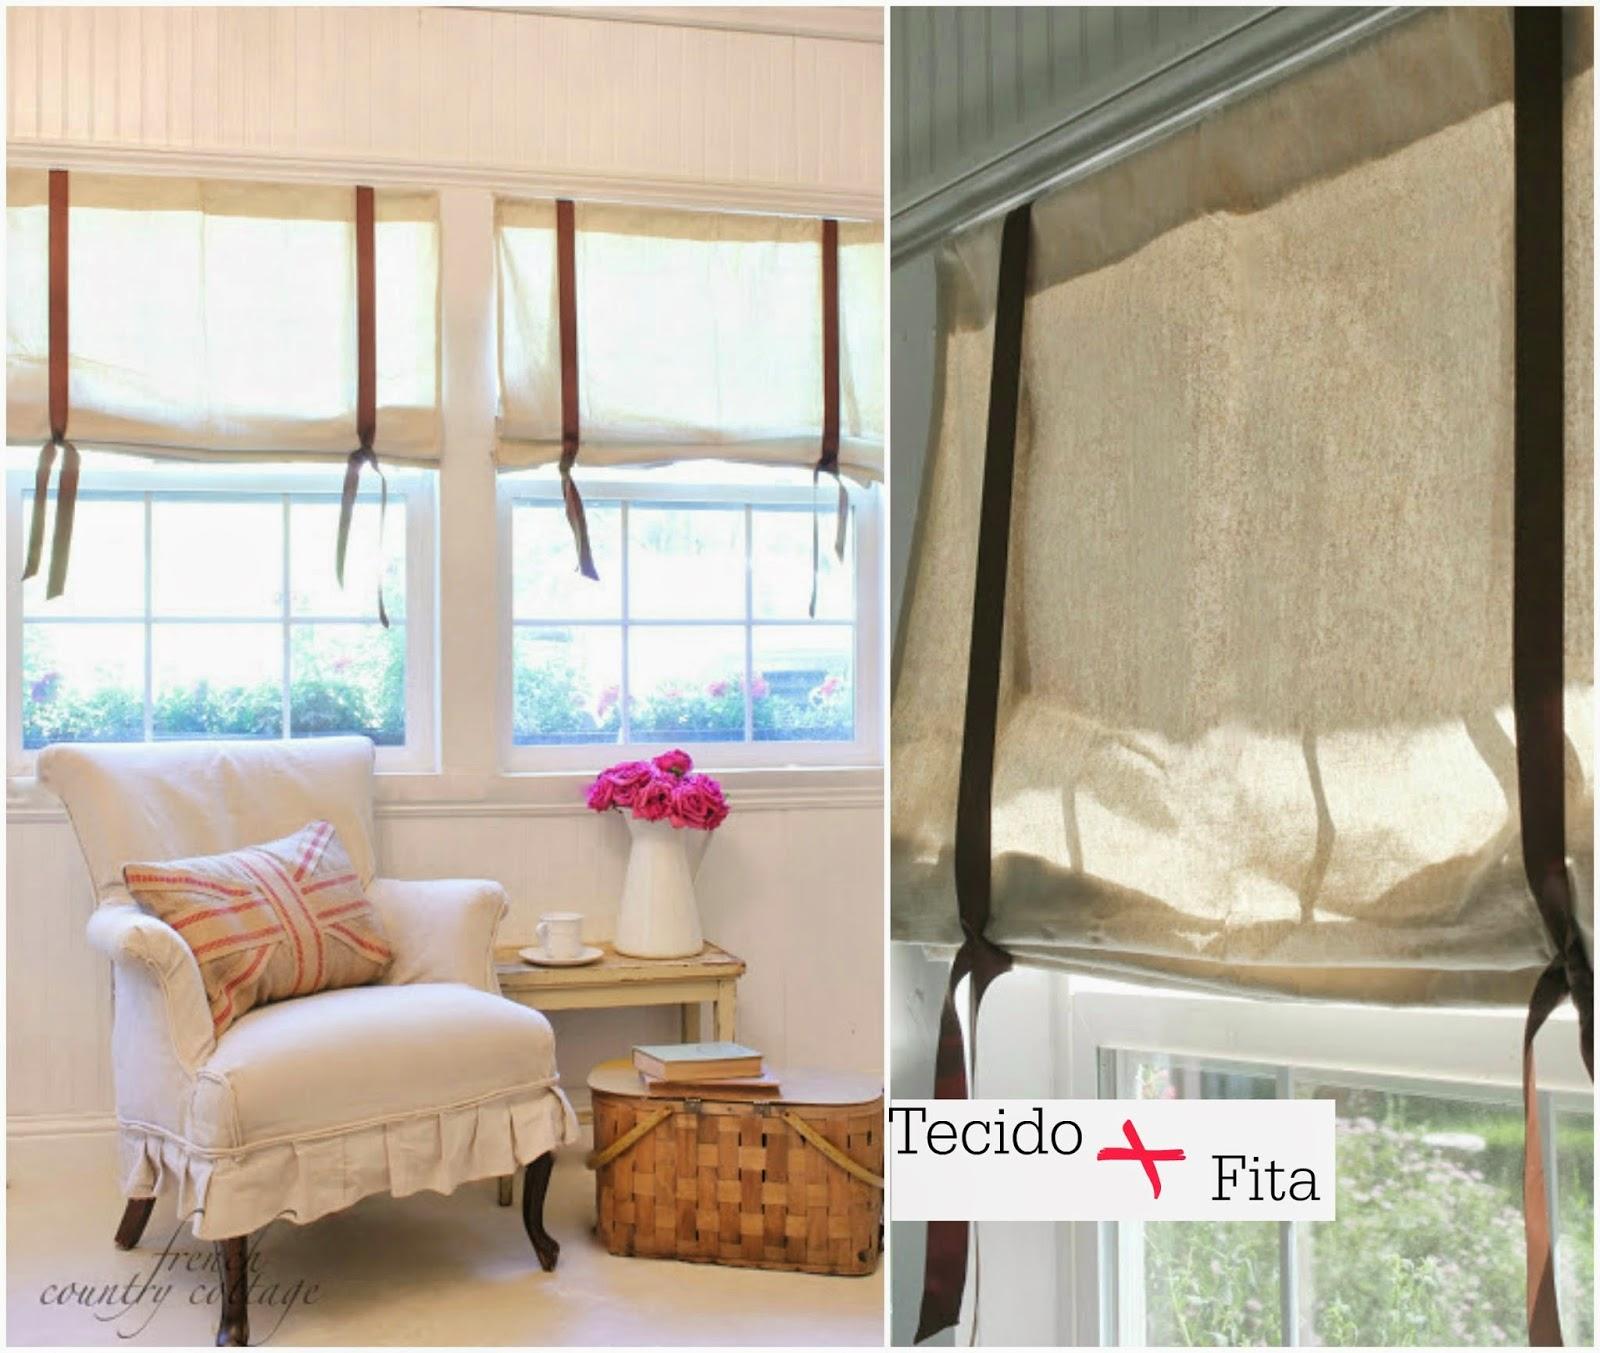 persiana é fixa na verdade é um tecido (com o acabamento e espaço  #327699 1600x1353 Banheiro Com Cortina Na Janela